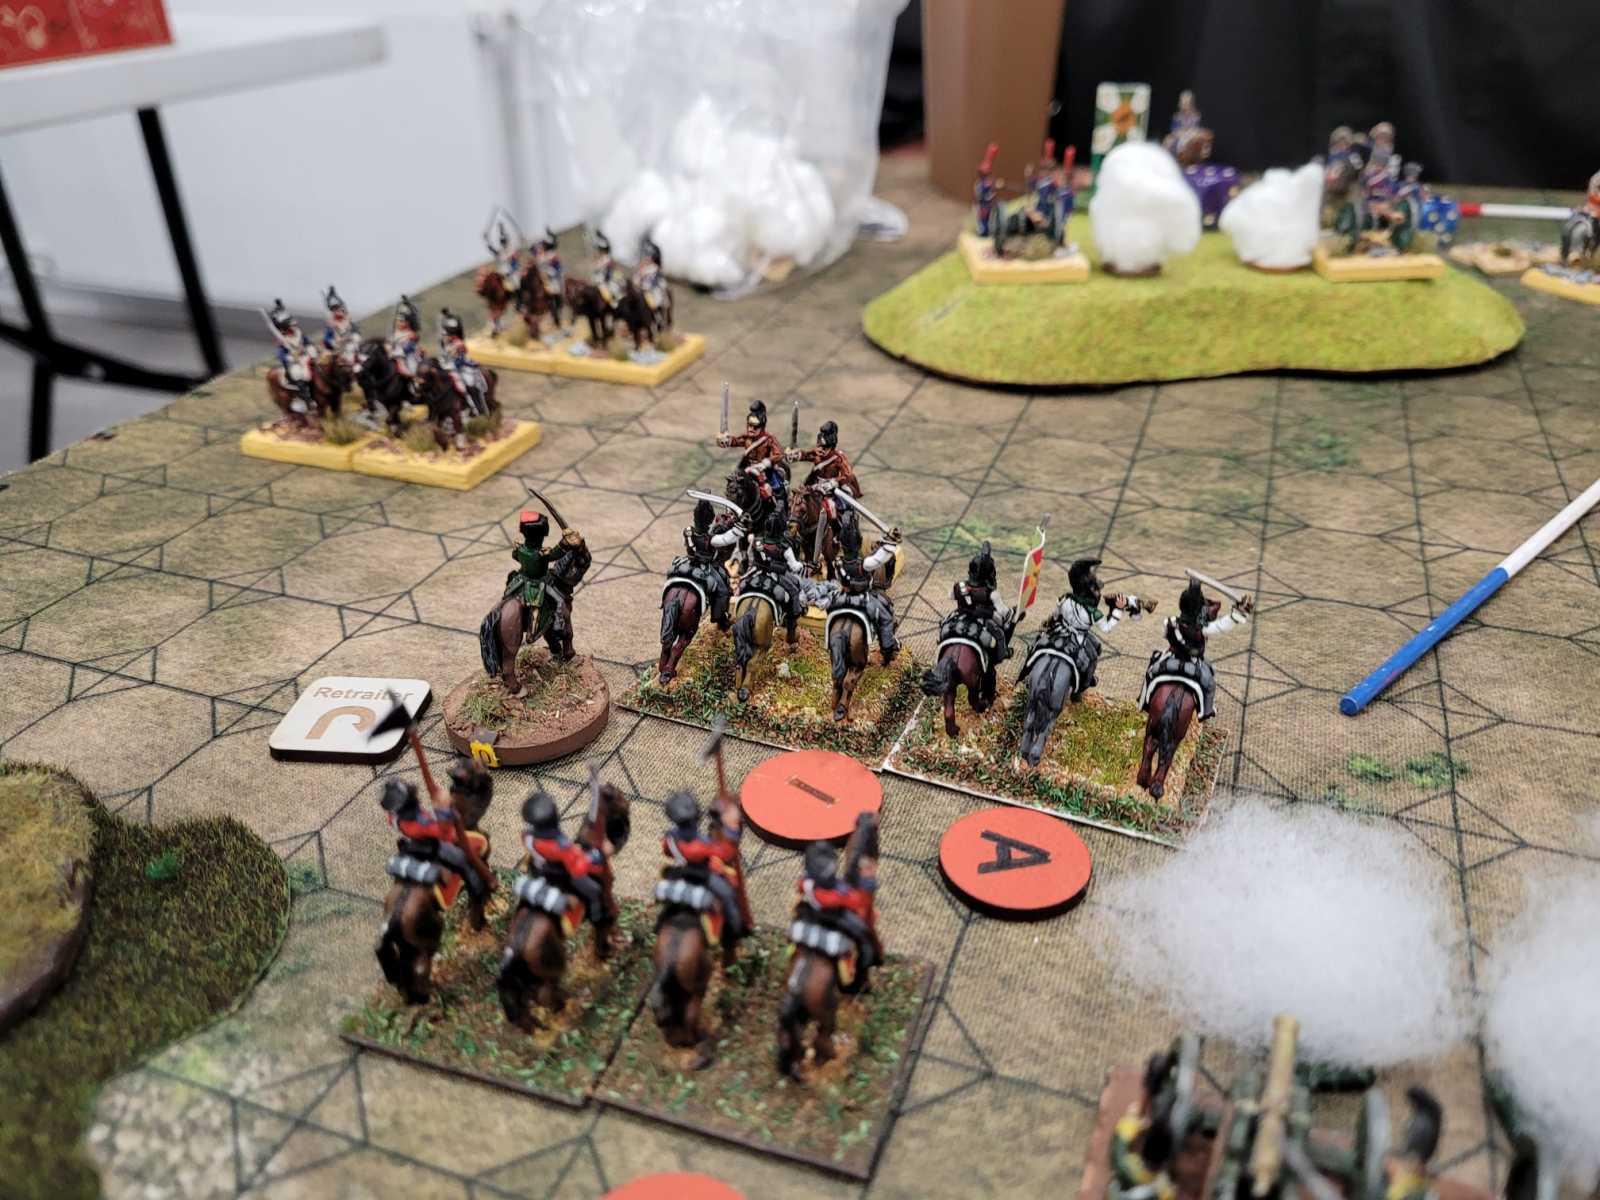 La cavalerie Française s'organise pour contrer la charge des Russes.